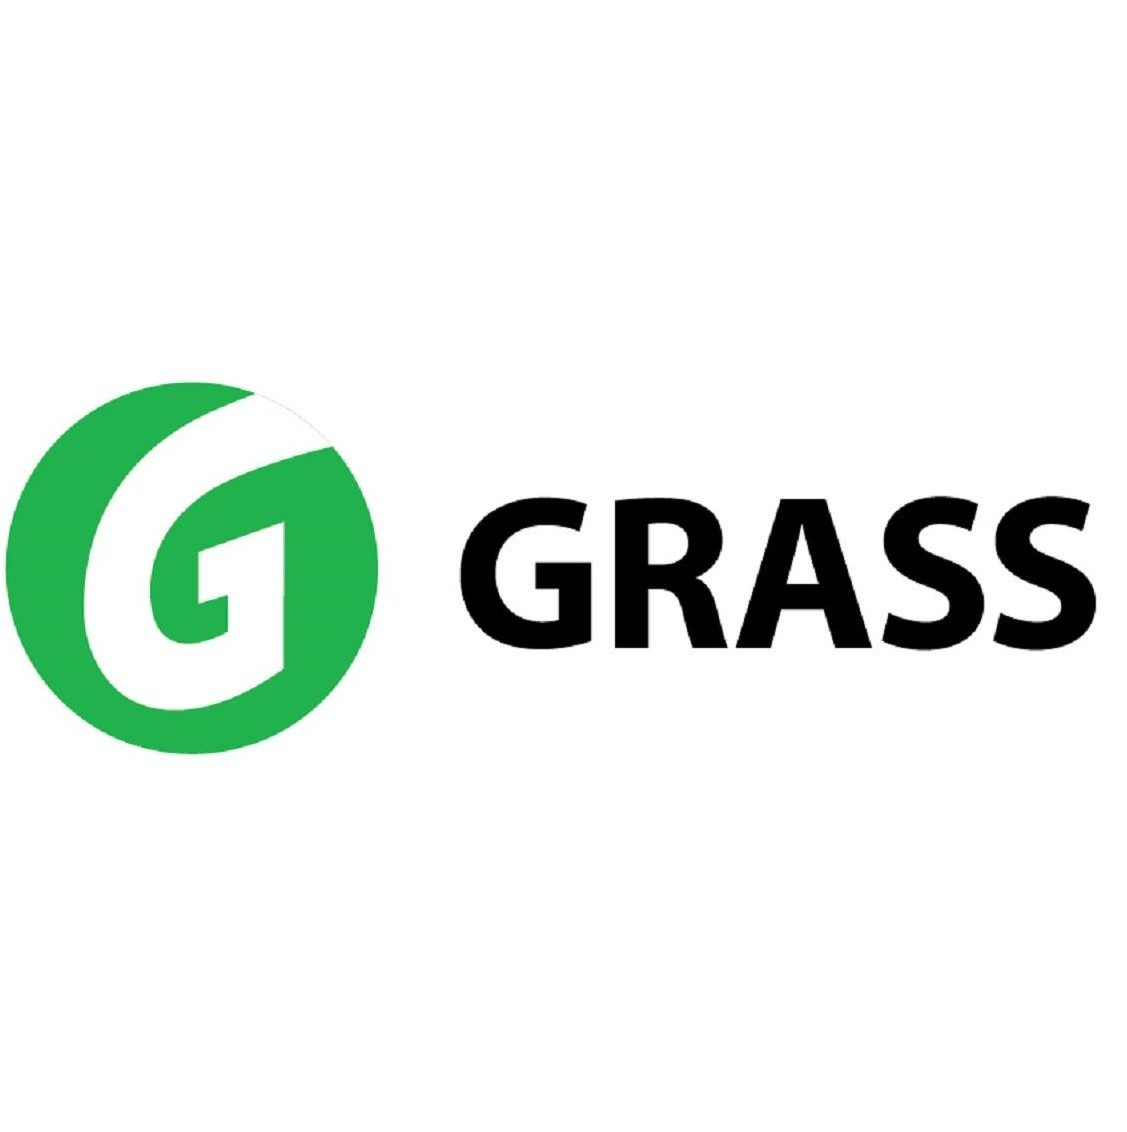 grass_logo